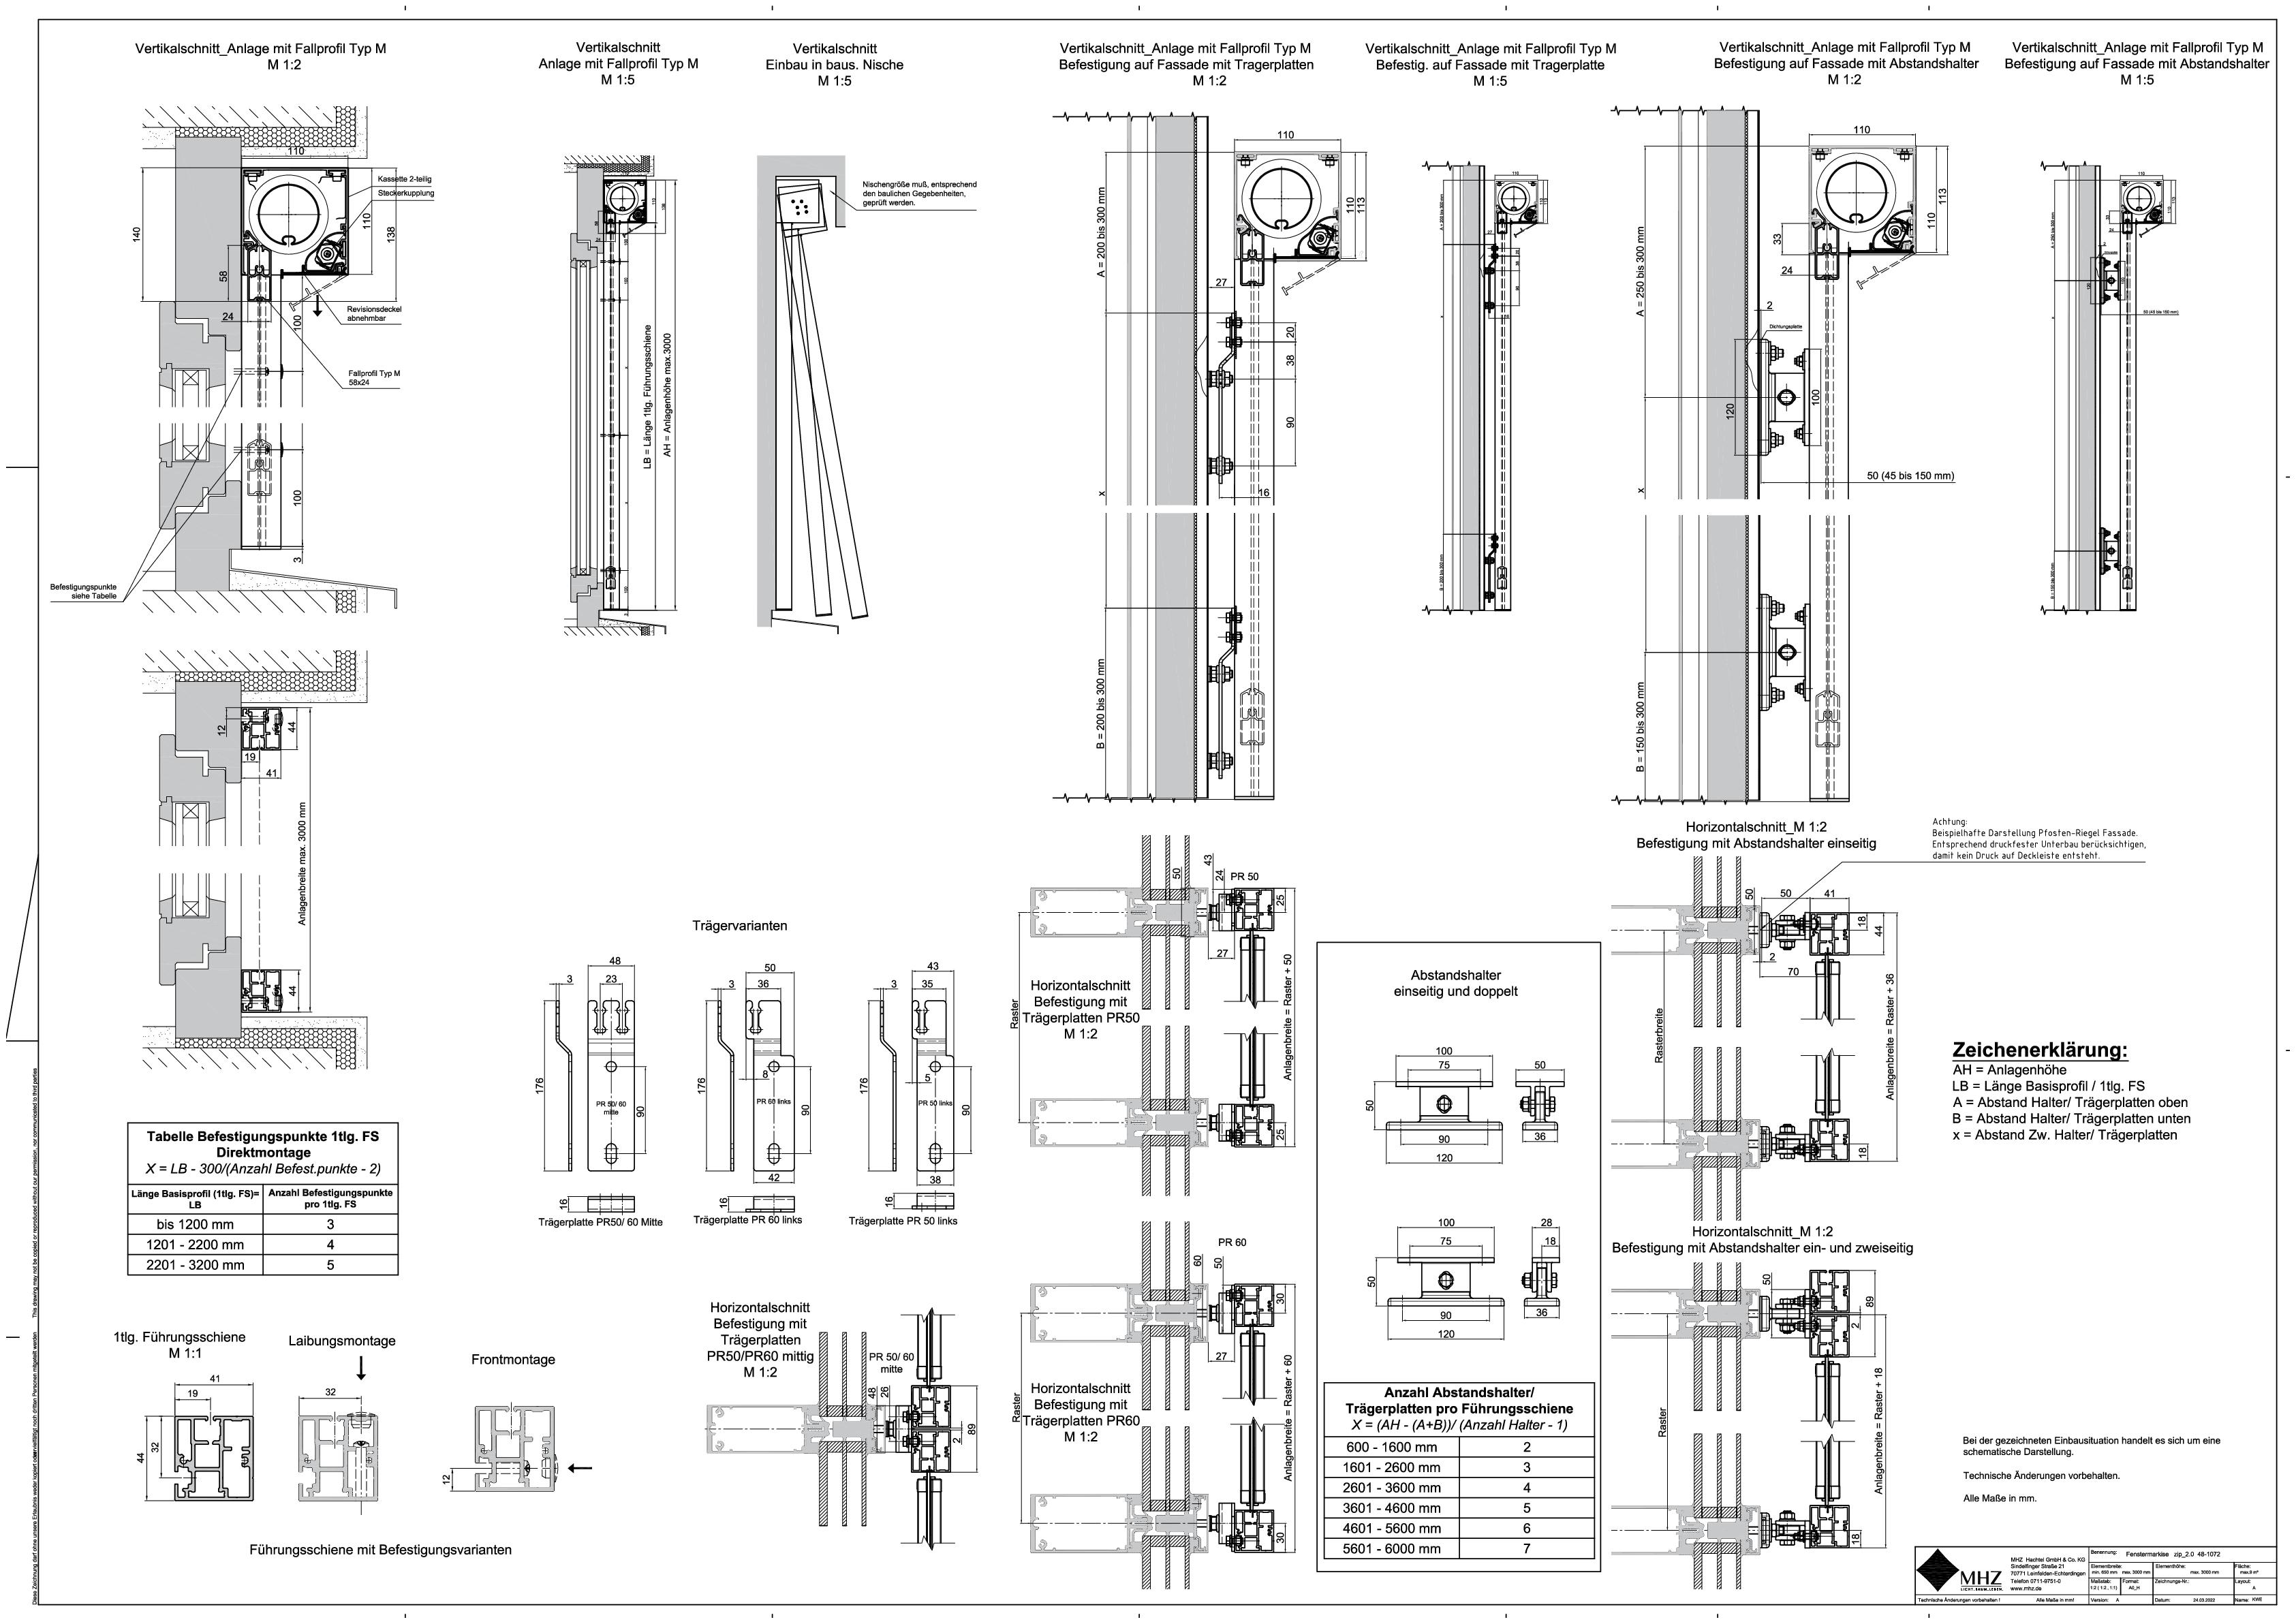 Technische Zeichnung pdf Fenstermarkisen zip_2.0 48-1072